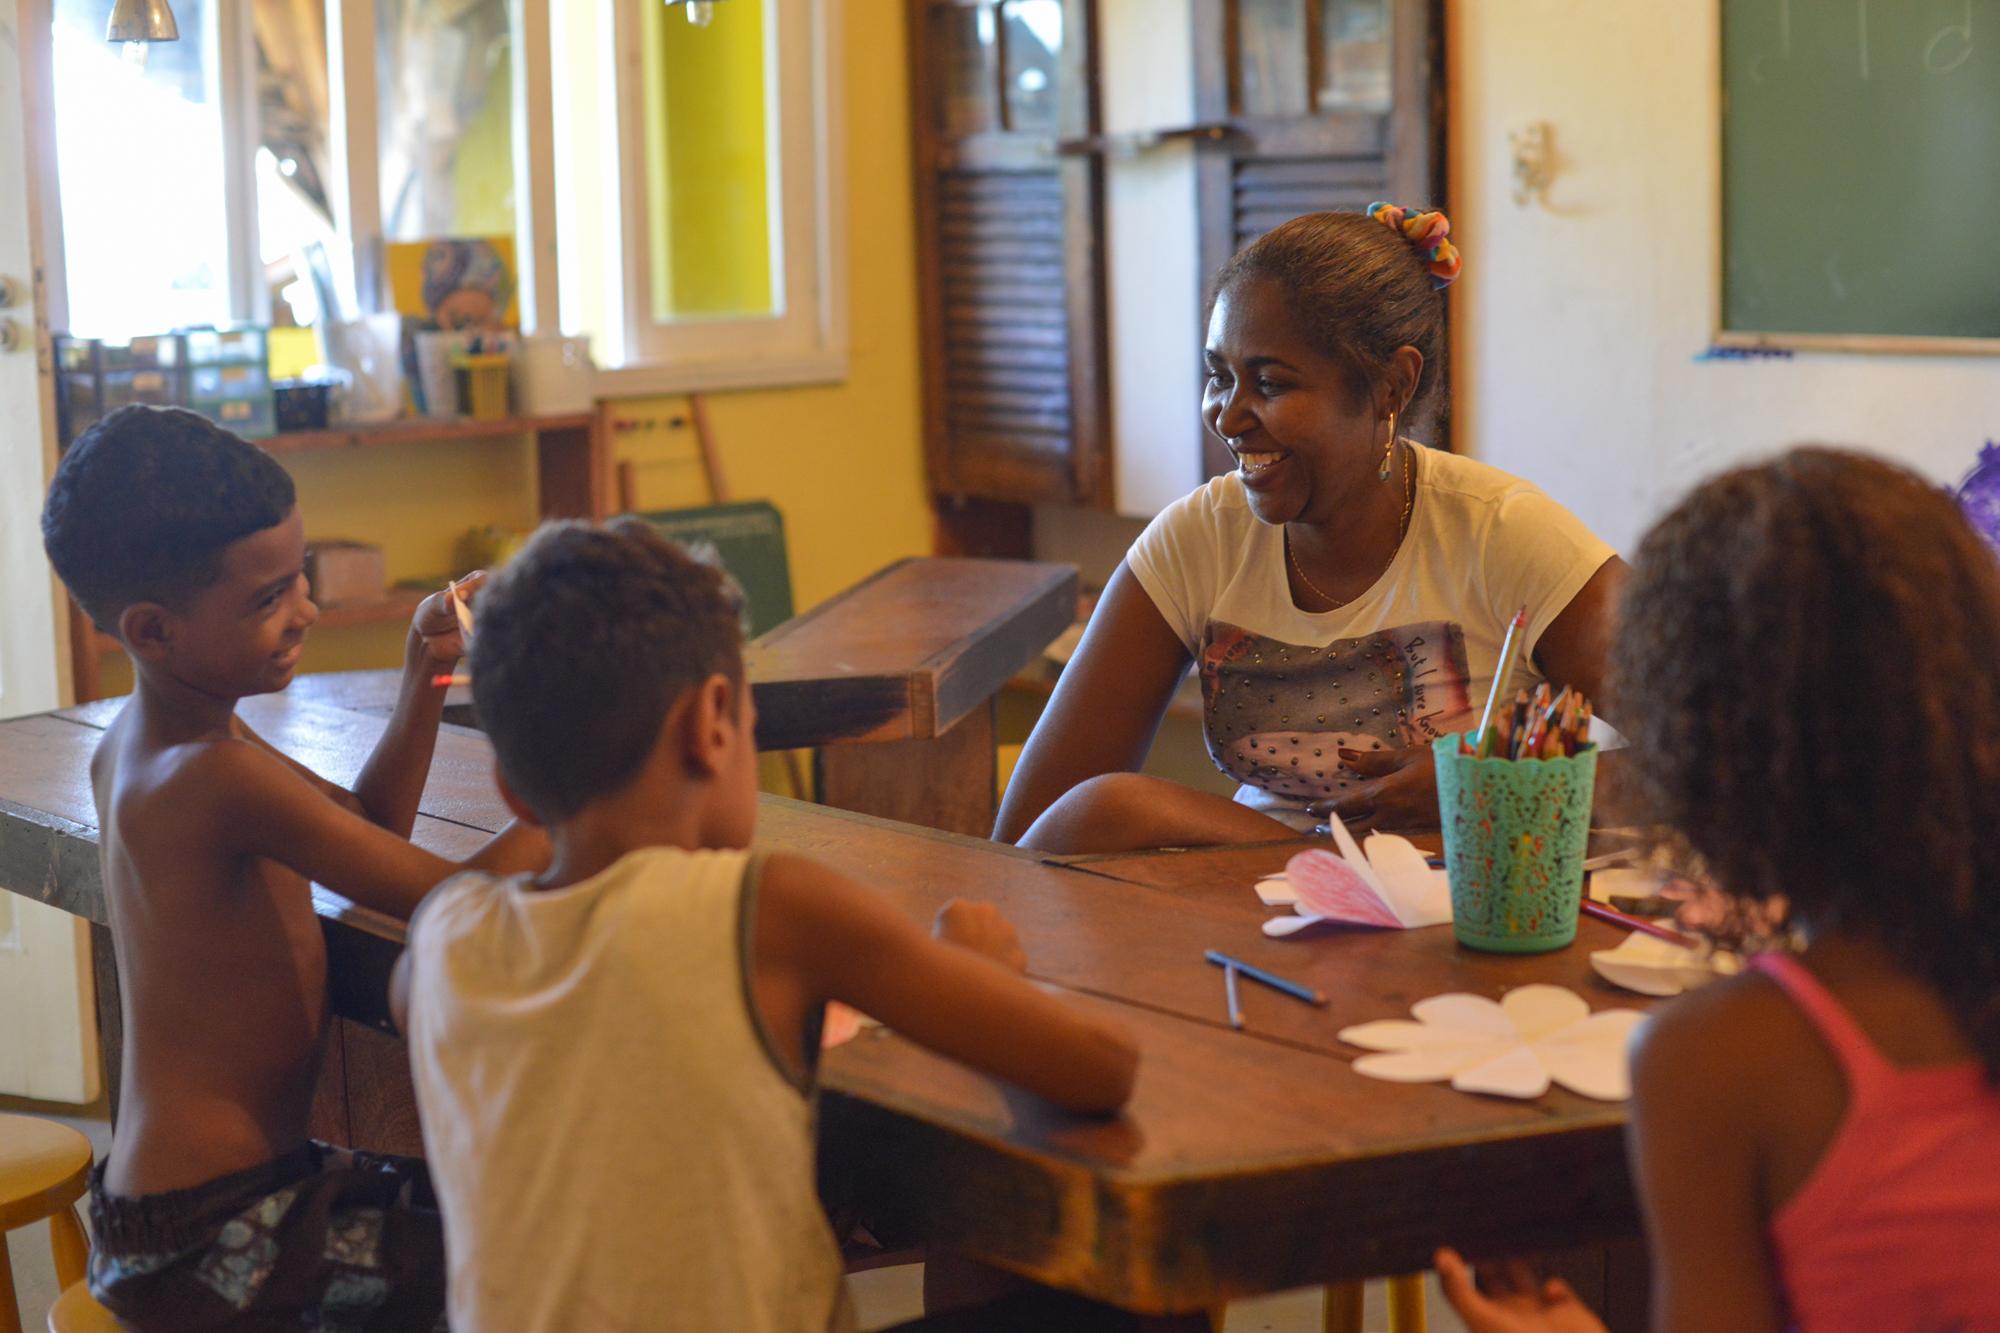 Joscelia Gonsalves dos Santos, Pedagoga e Educadora Infantil   Formada pela Unisuam, atua como professora de educação infantil na rede pública municipal de ensino. Moradora do Morro da Providência. O foco principal do meu trabalho na Casa Amarela é tentar melhorar o processo de aprendizagem dos pequenos através do reforço escolar. A intenção é potencializar as aprendizagens por meia das brincadeiras de forma lúdica interativa.